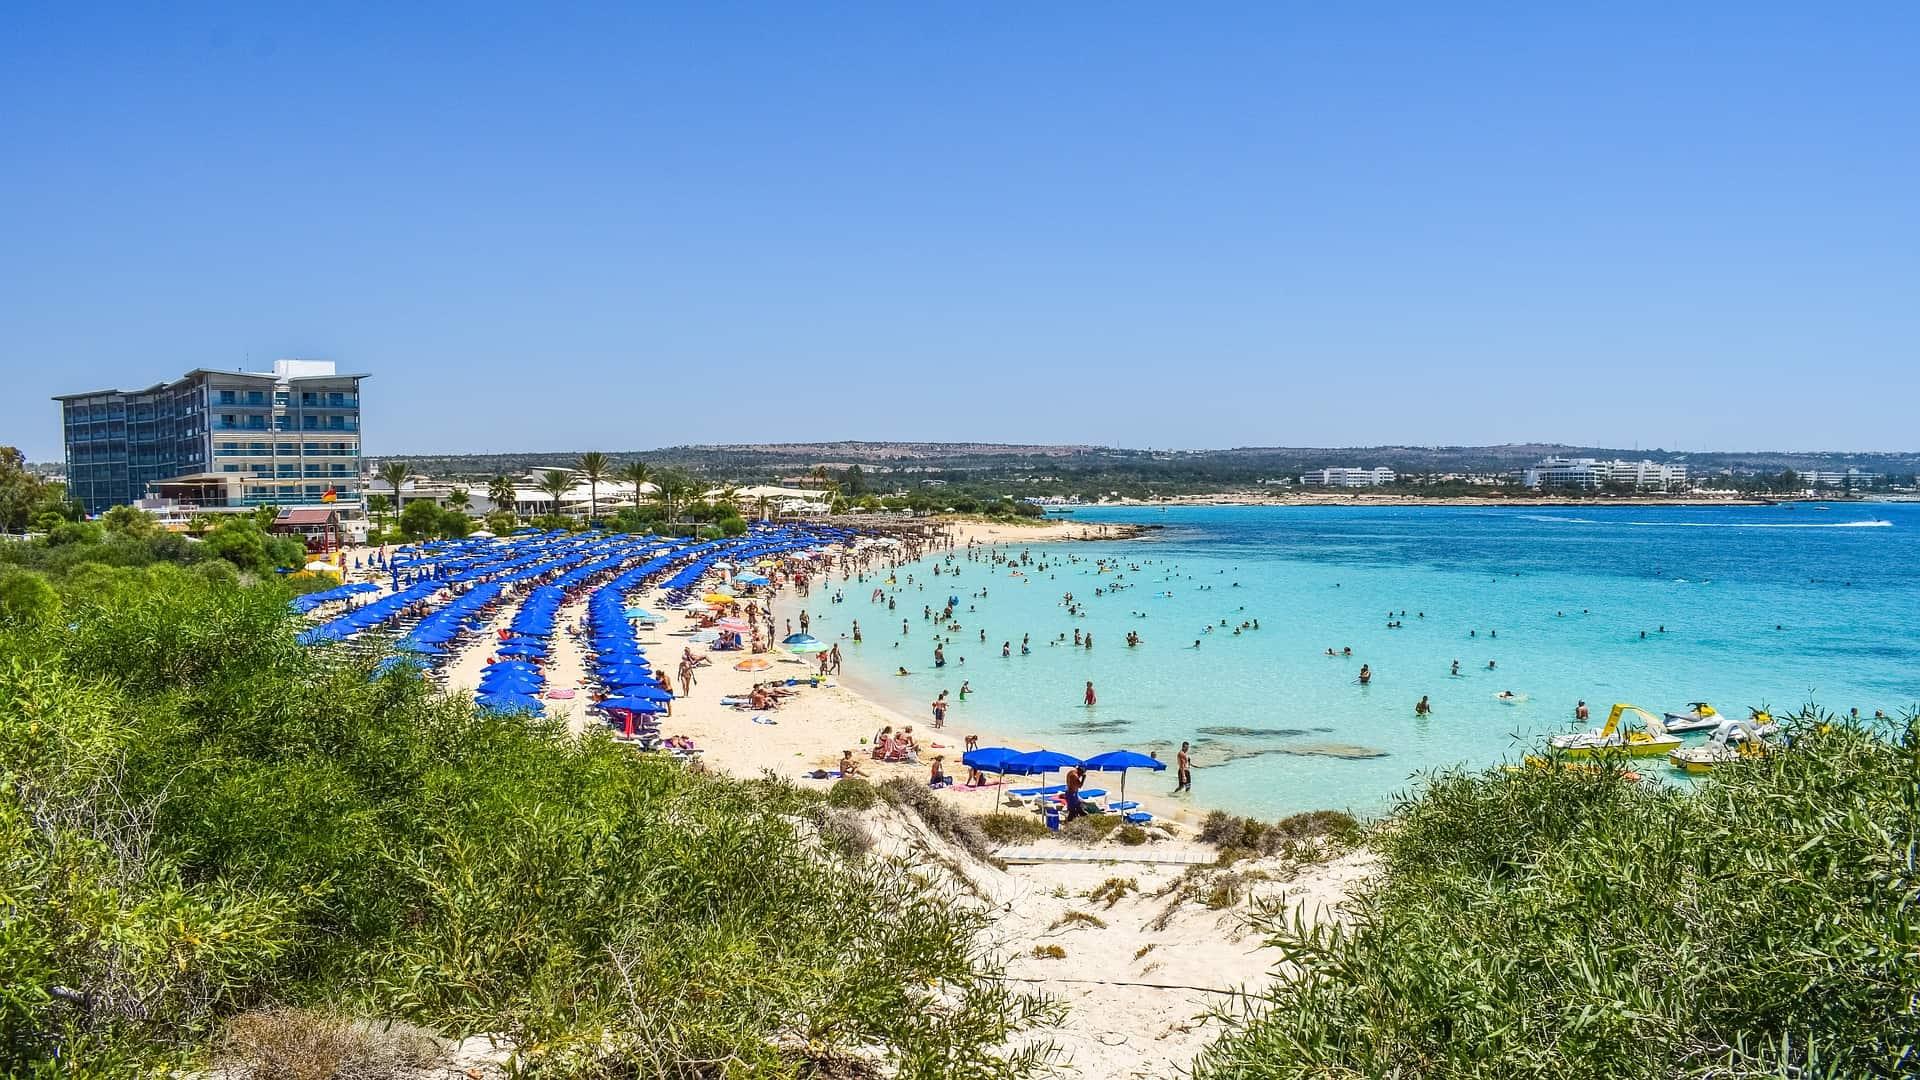 Urlaub in Zypern - Las Vegas von Asien